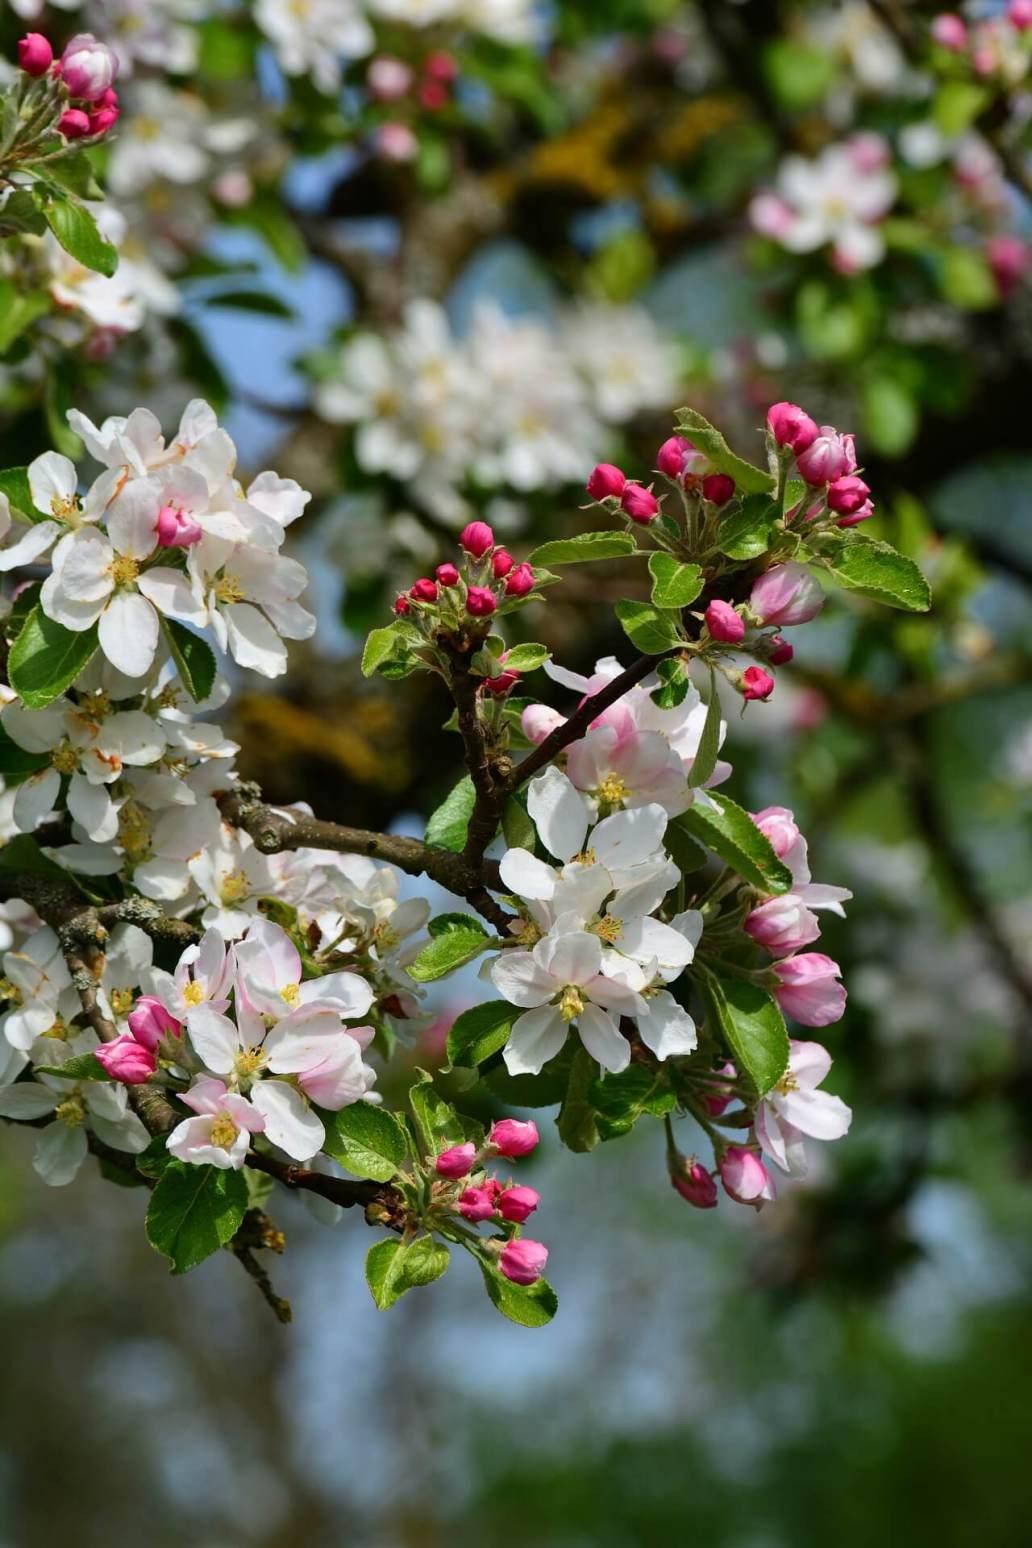 apple blossoms 3863005 1920 2 - Comment aménager et préparer son jardin à l'arrivée du printemps